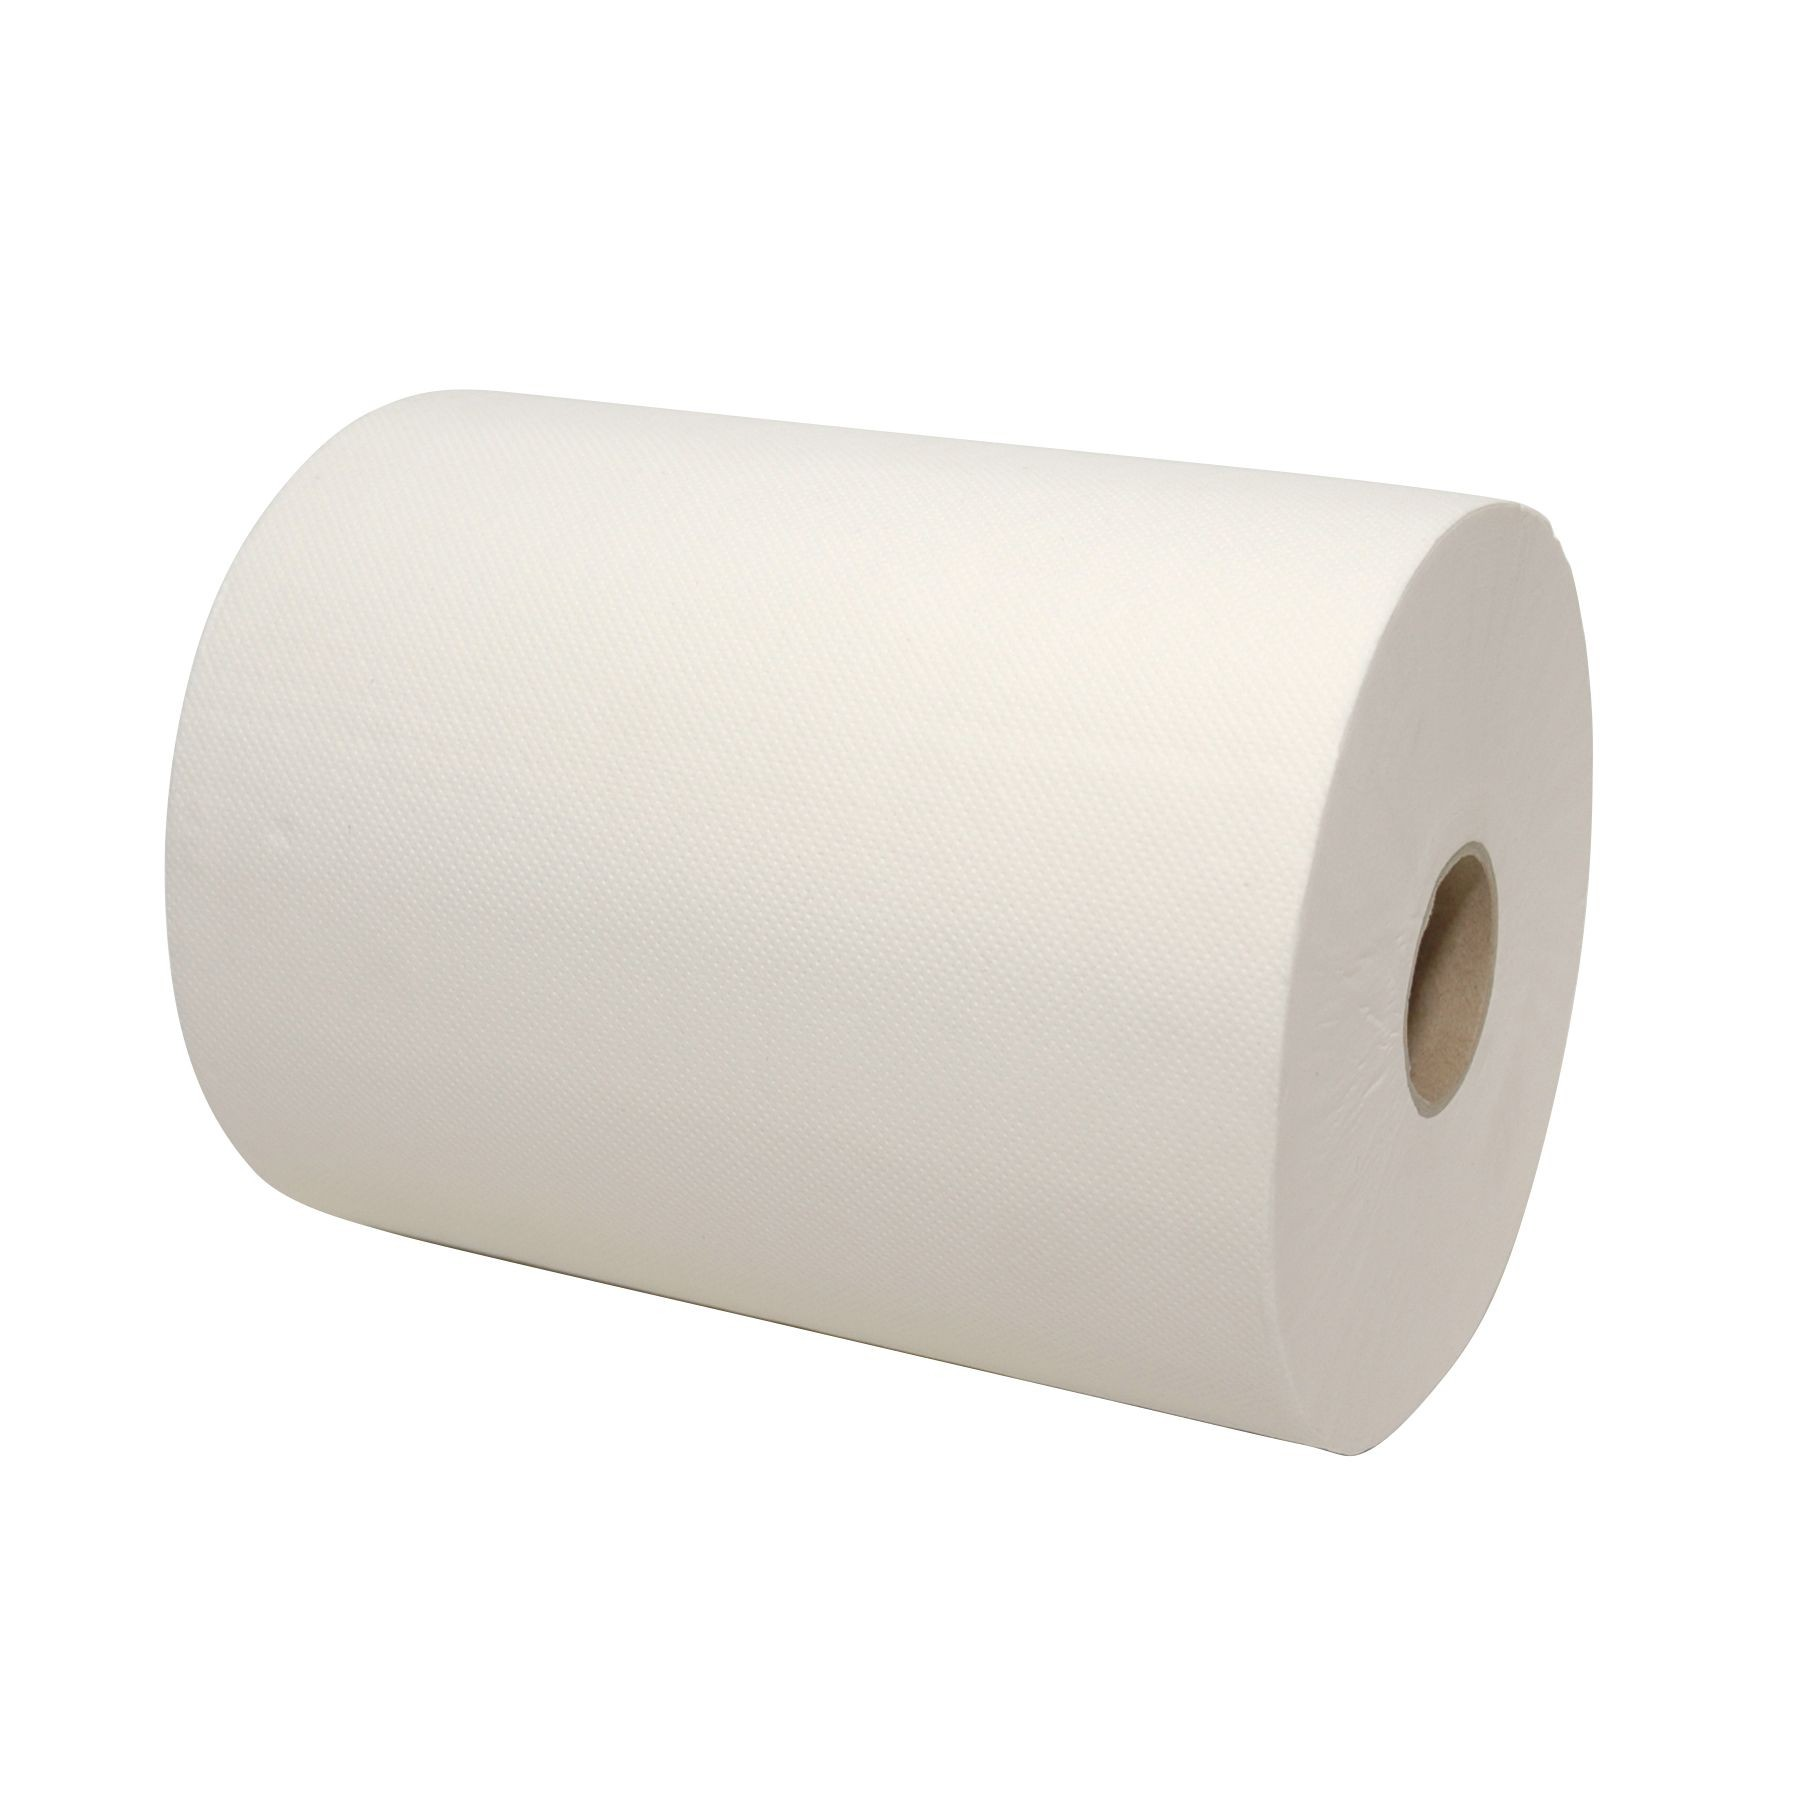 Handdoekrol minimatic 165 meter x 18,3 cm 2-laags wit, inhoud 6 rollen